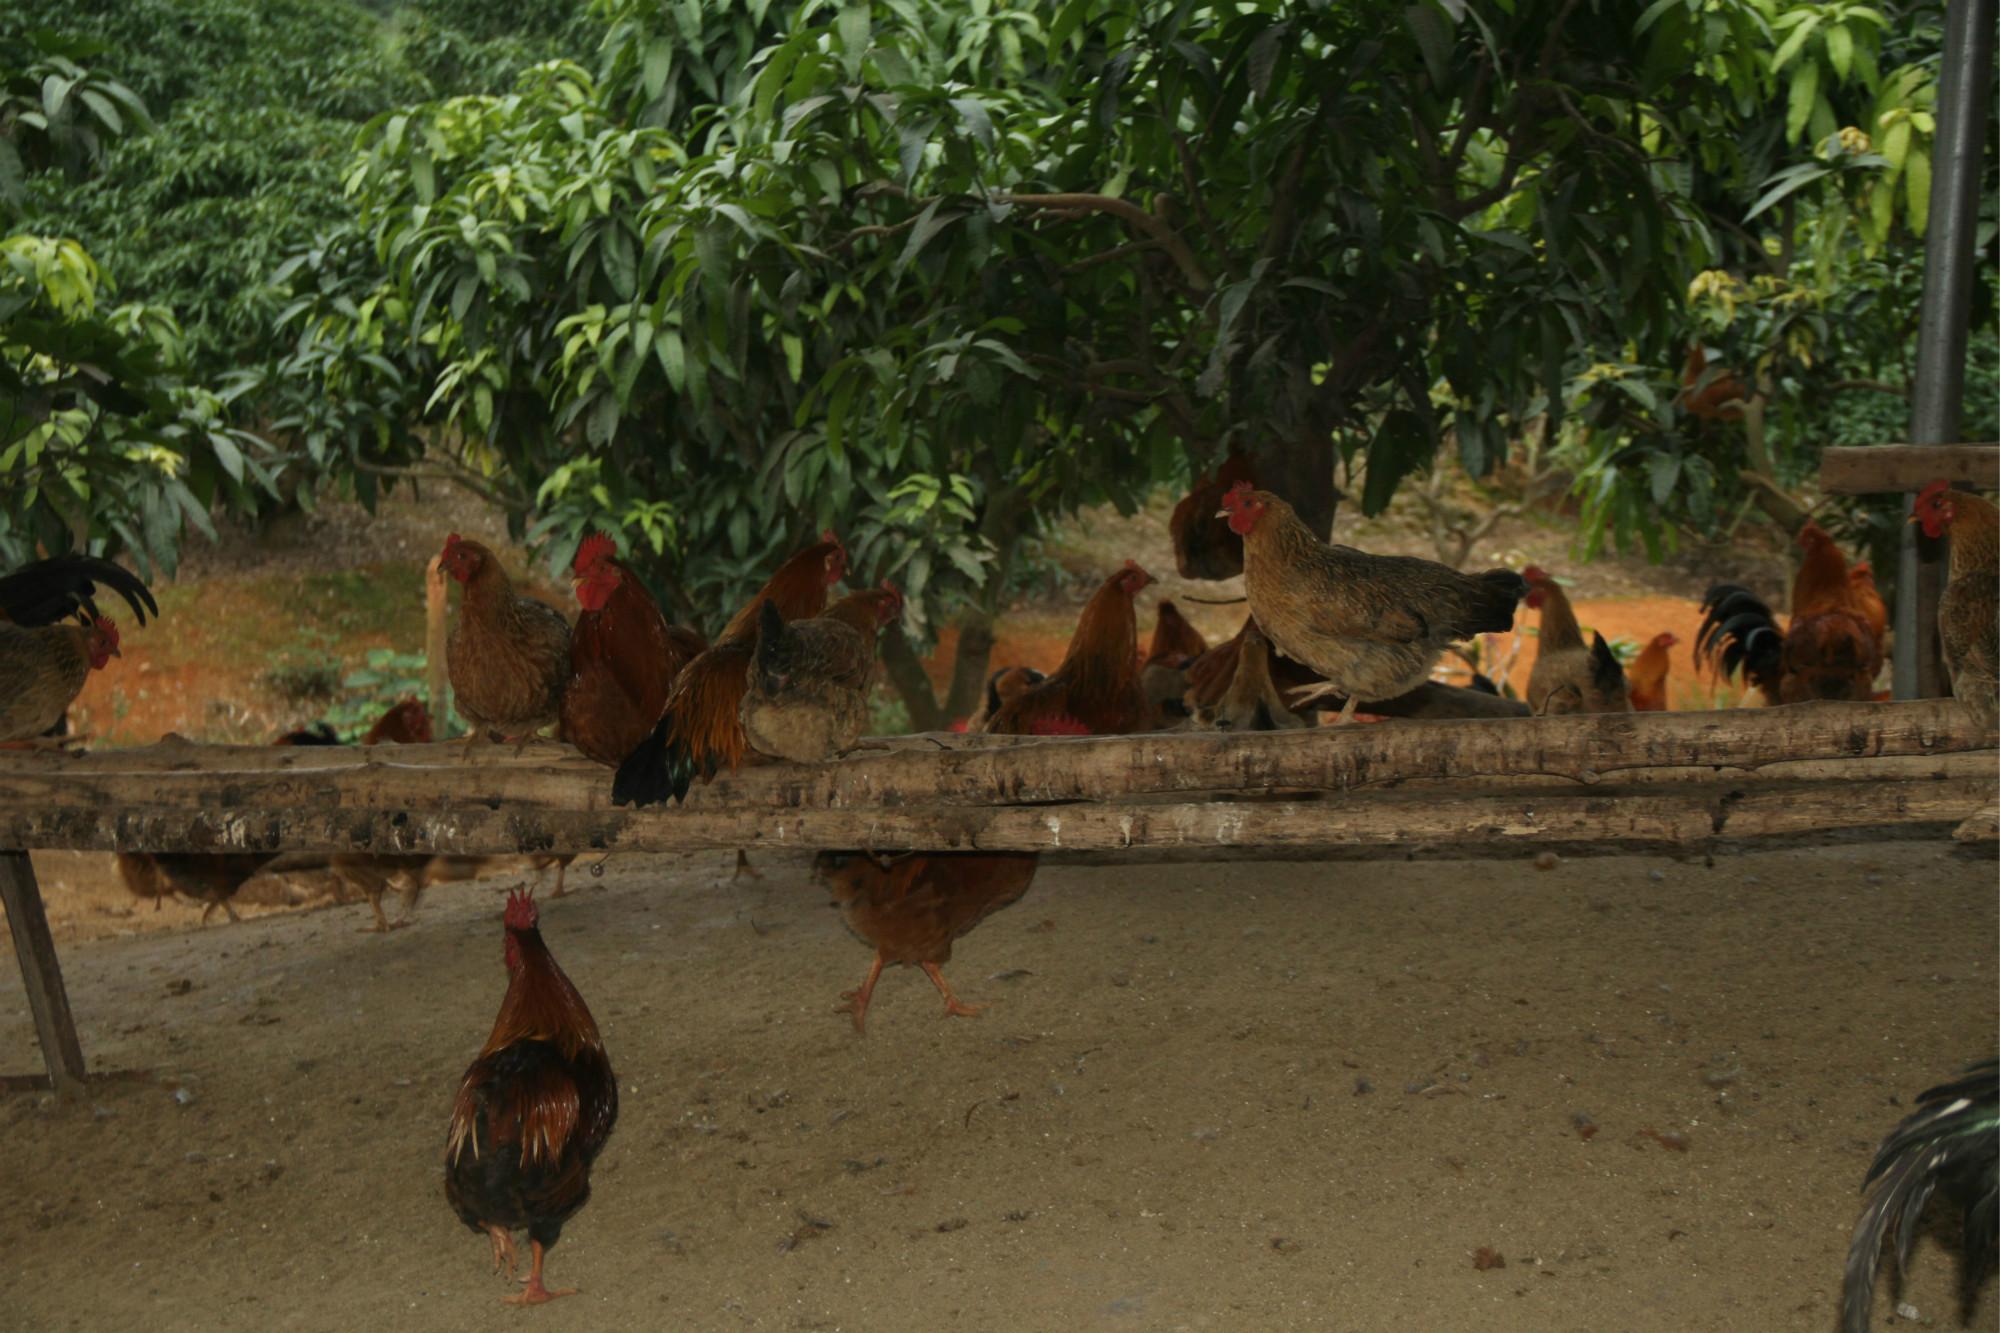 芒果树下养鸡